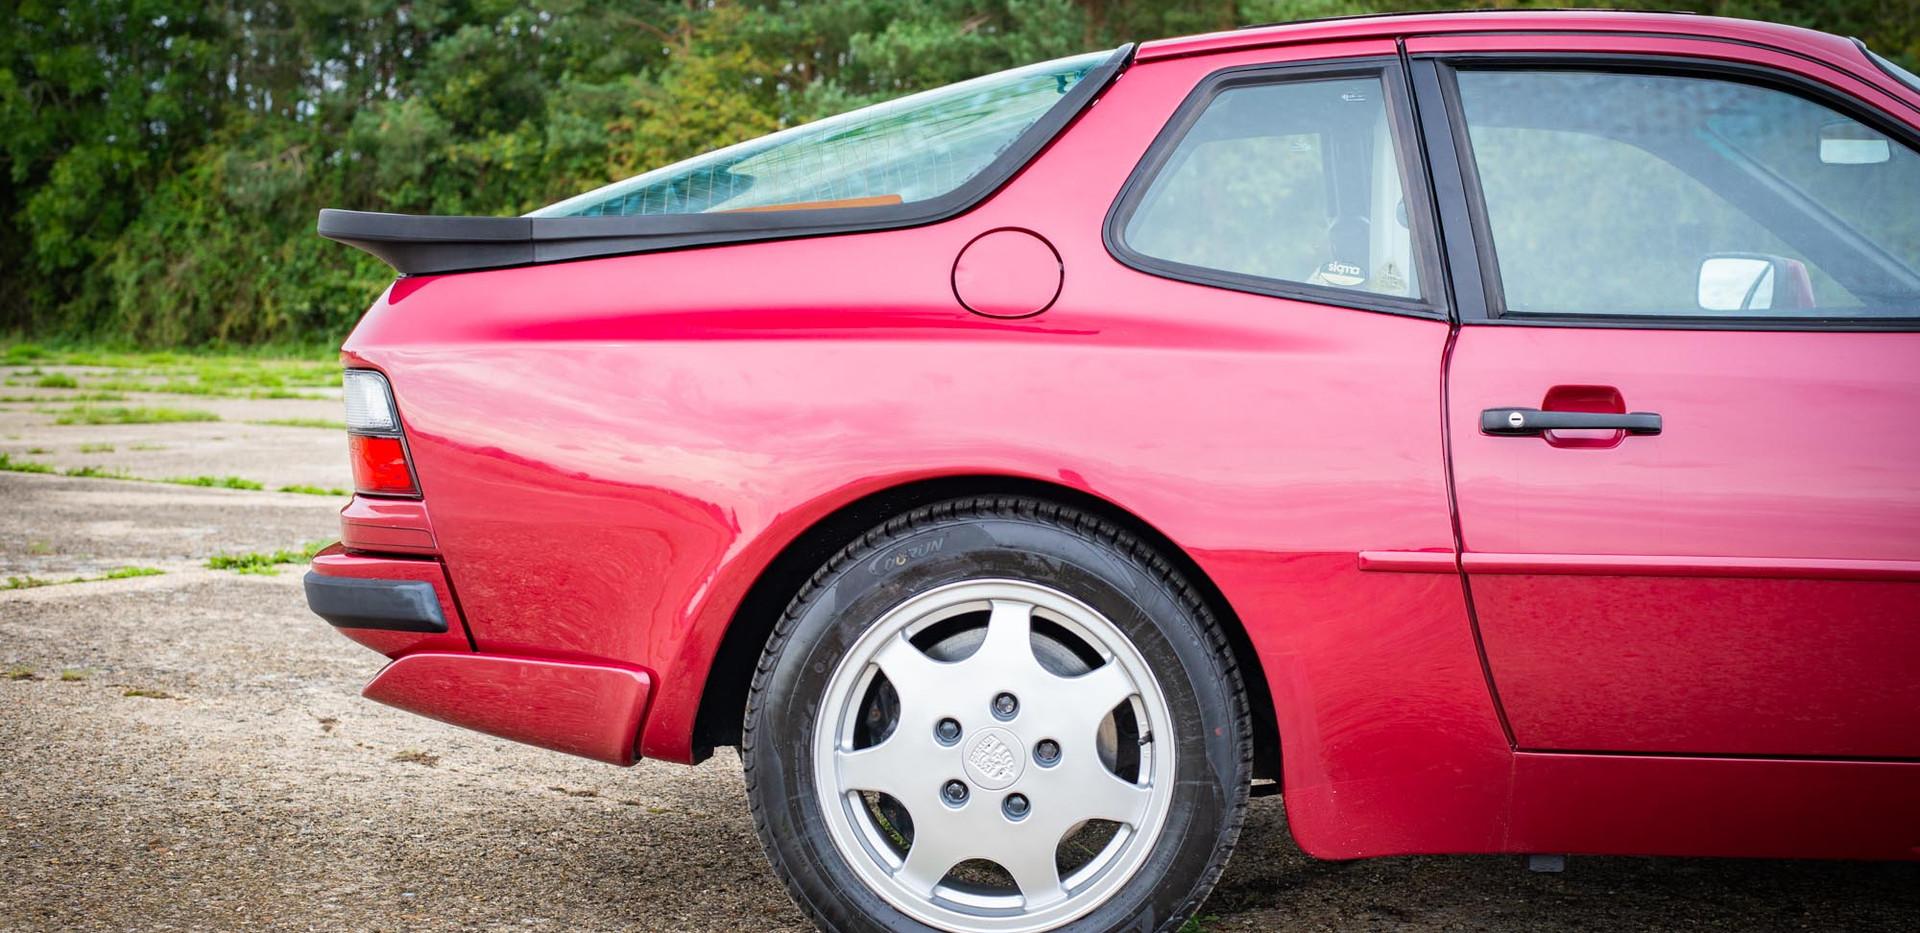 Porsche 944S For Sale UK London-25.jpg